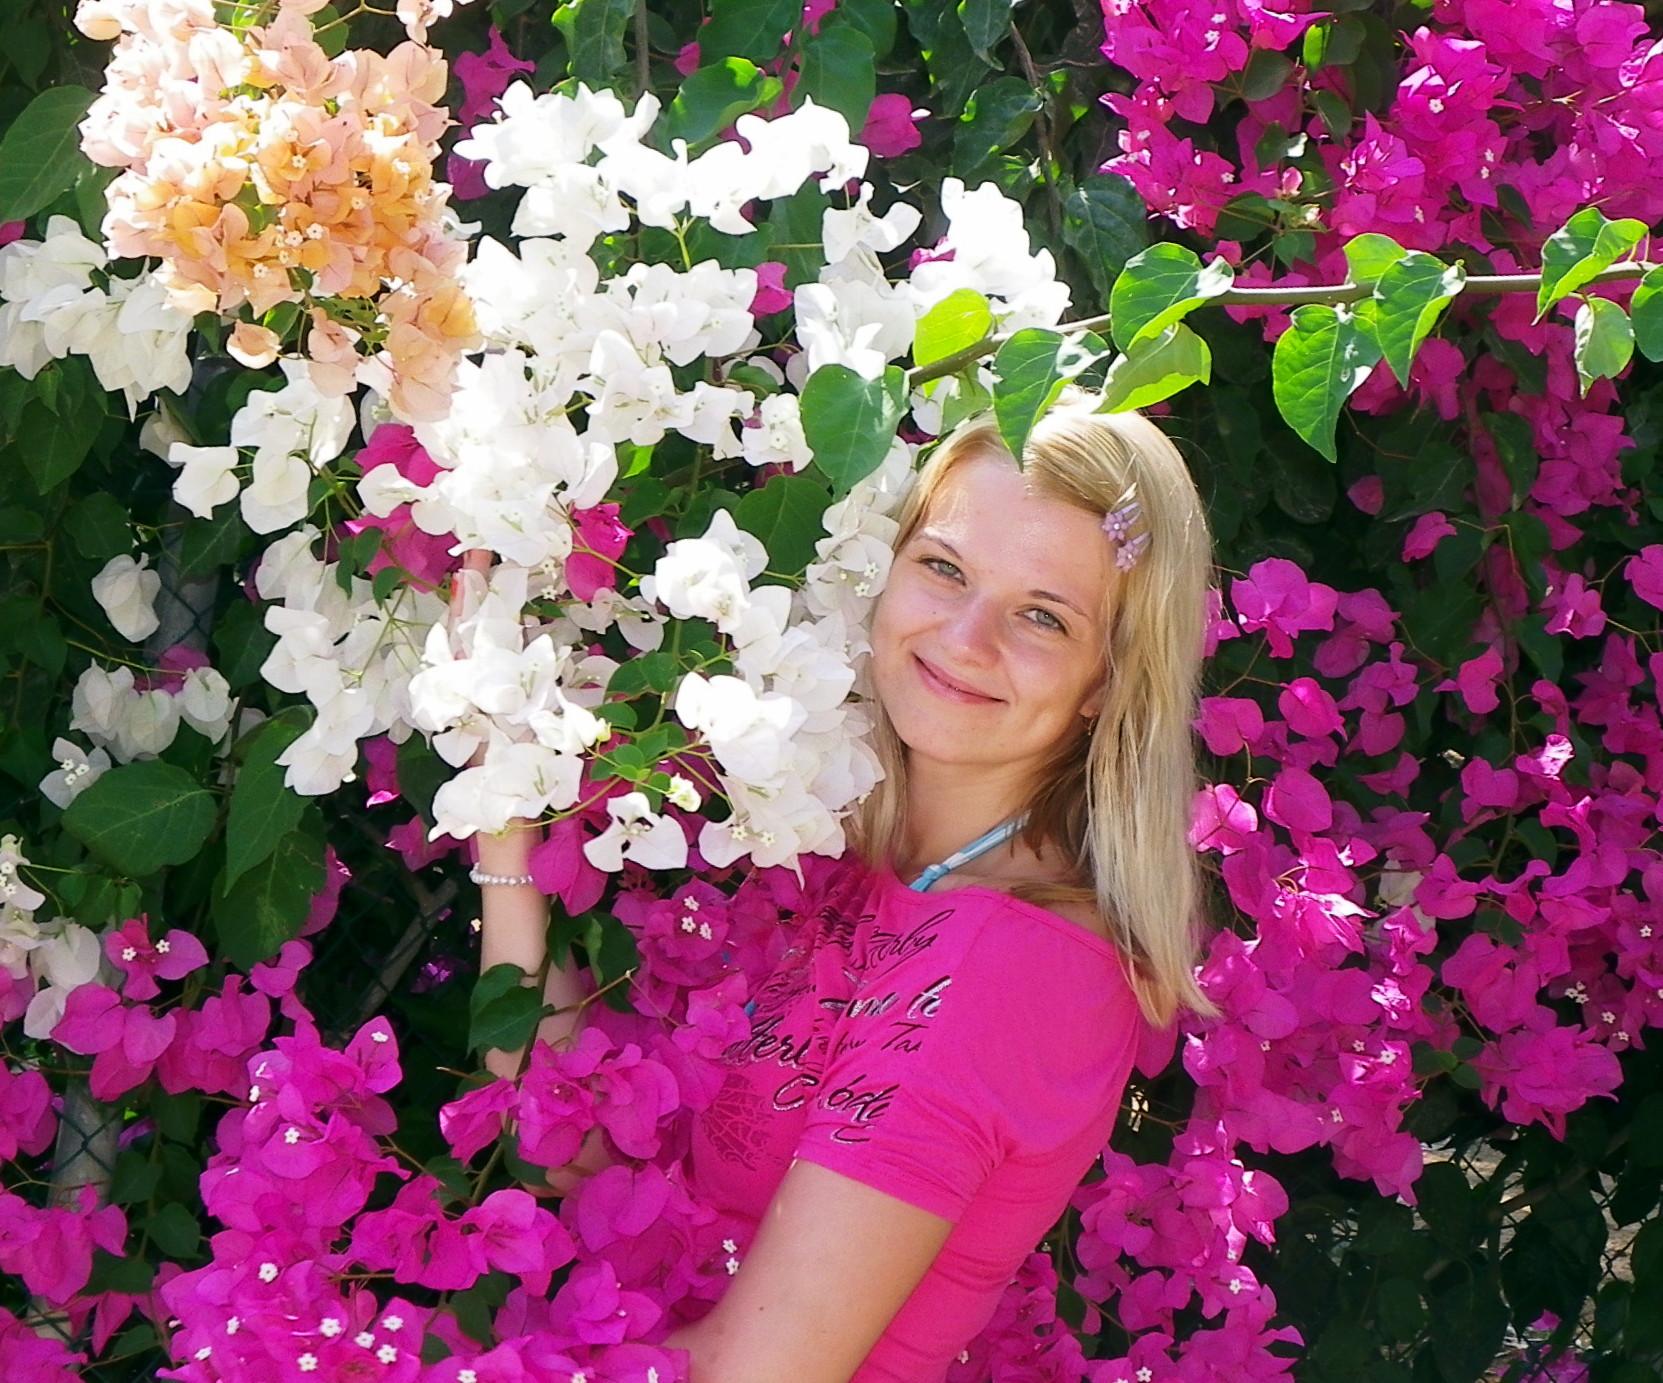 Лютики-цветочки у меня в садочке -)). Цветочное настроение